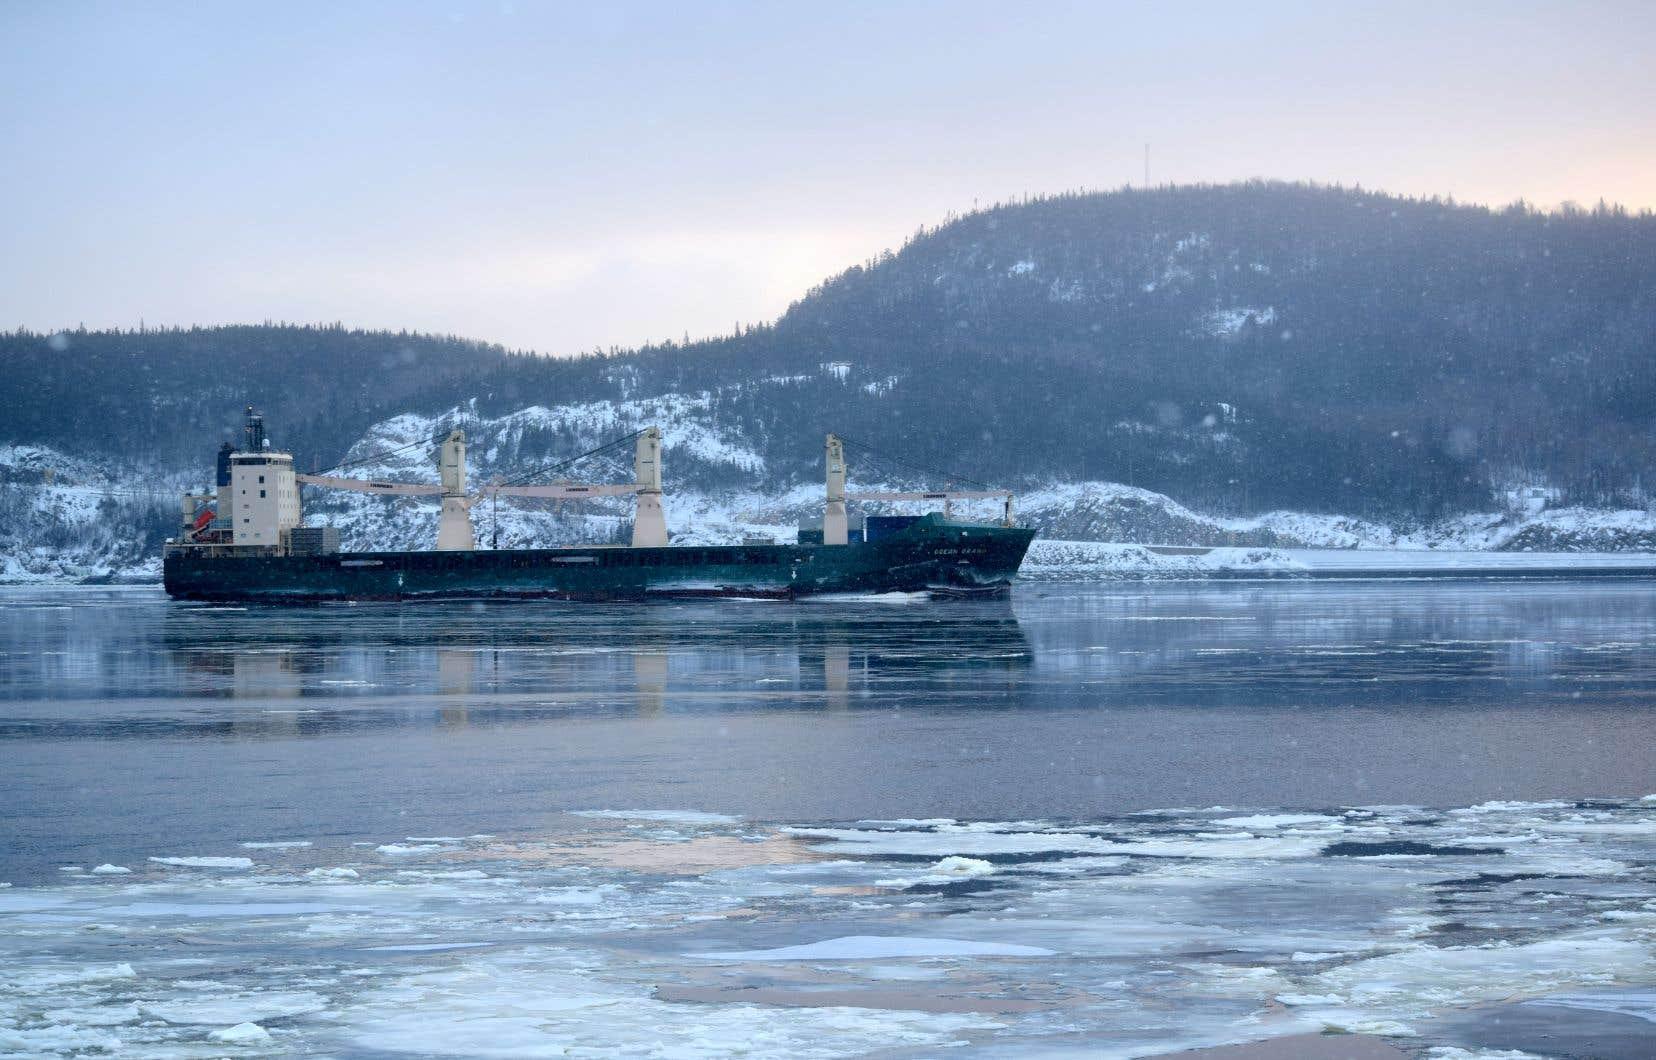 Selon un article du «Devoir» publié la semaine dernière, le projet Énergie Saguenay contribuera à une forte augmentation du trafic sur le Saguenay.